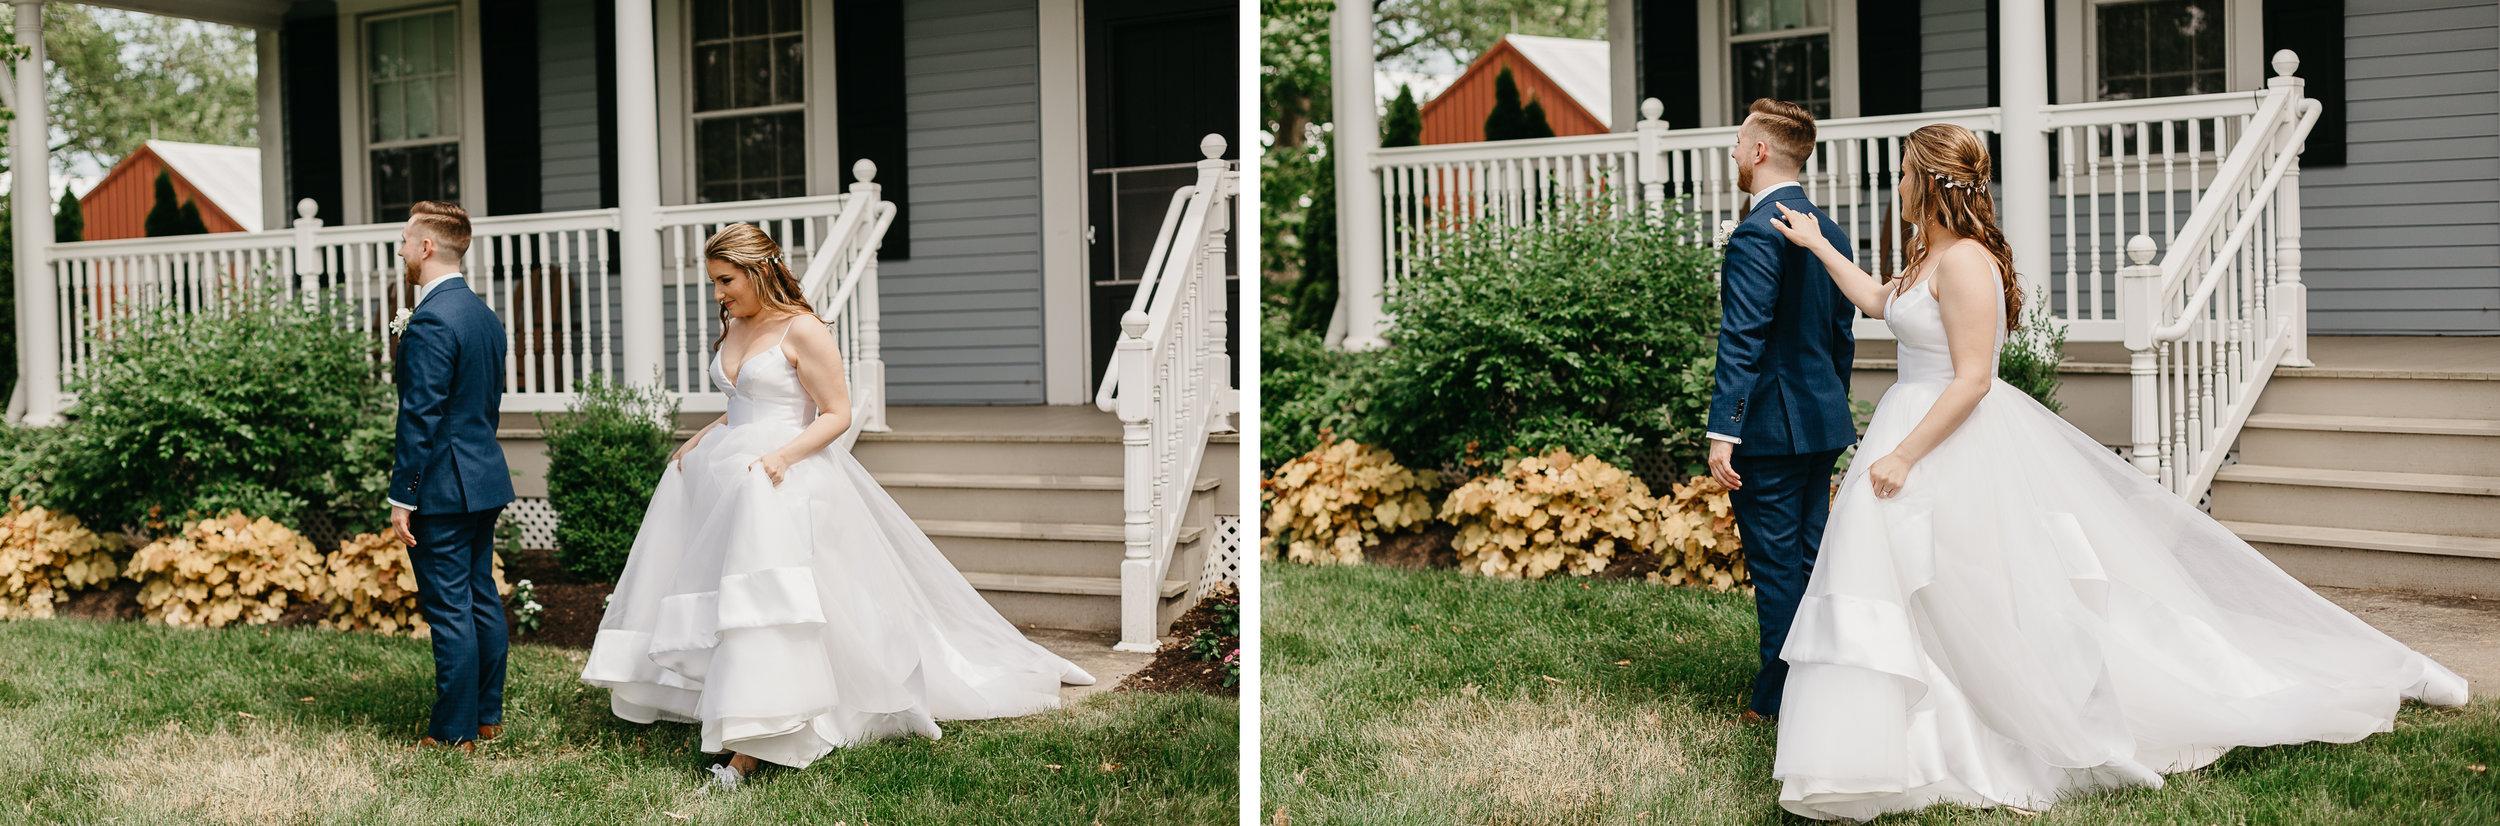 anna szczekutowicz austin wedding photographer-21.jpg